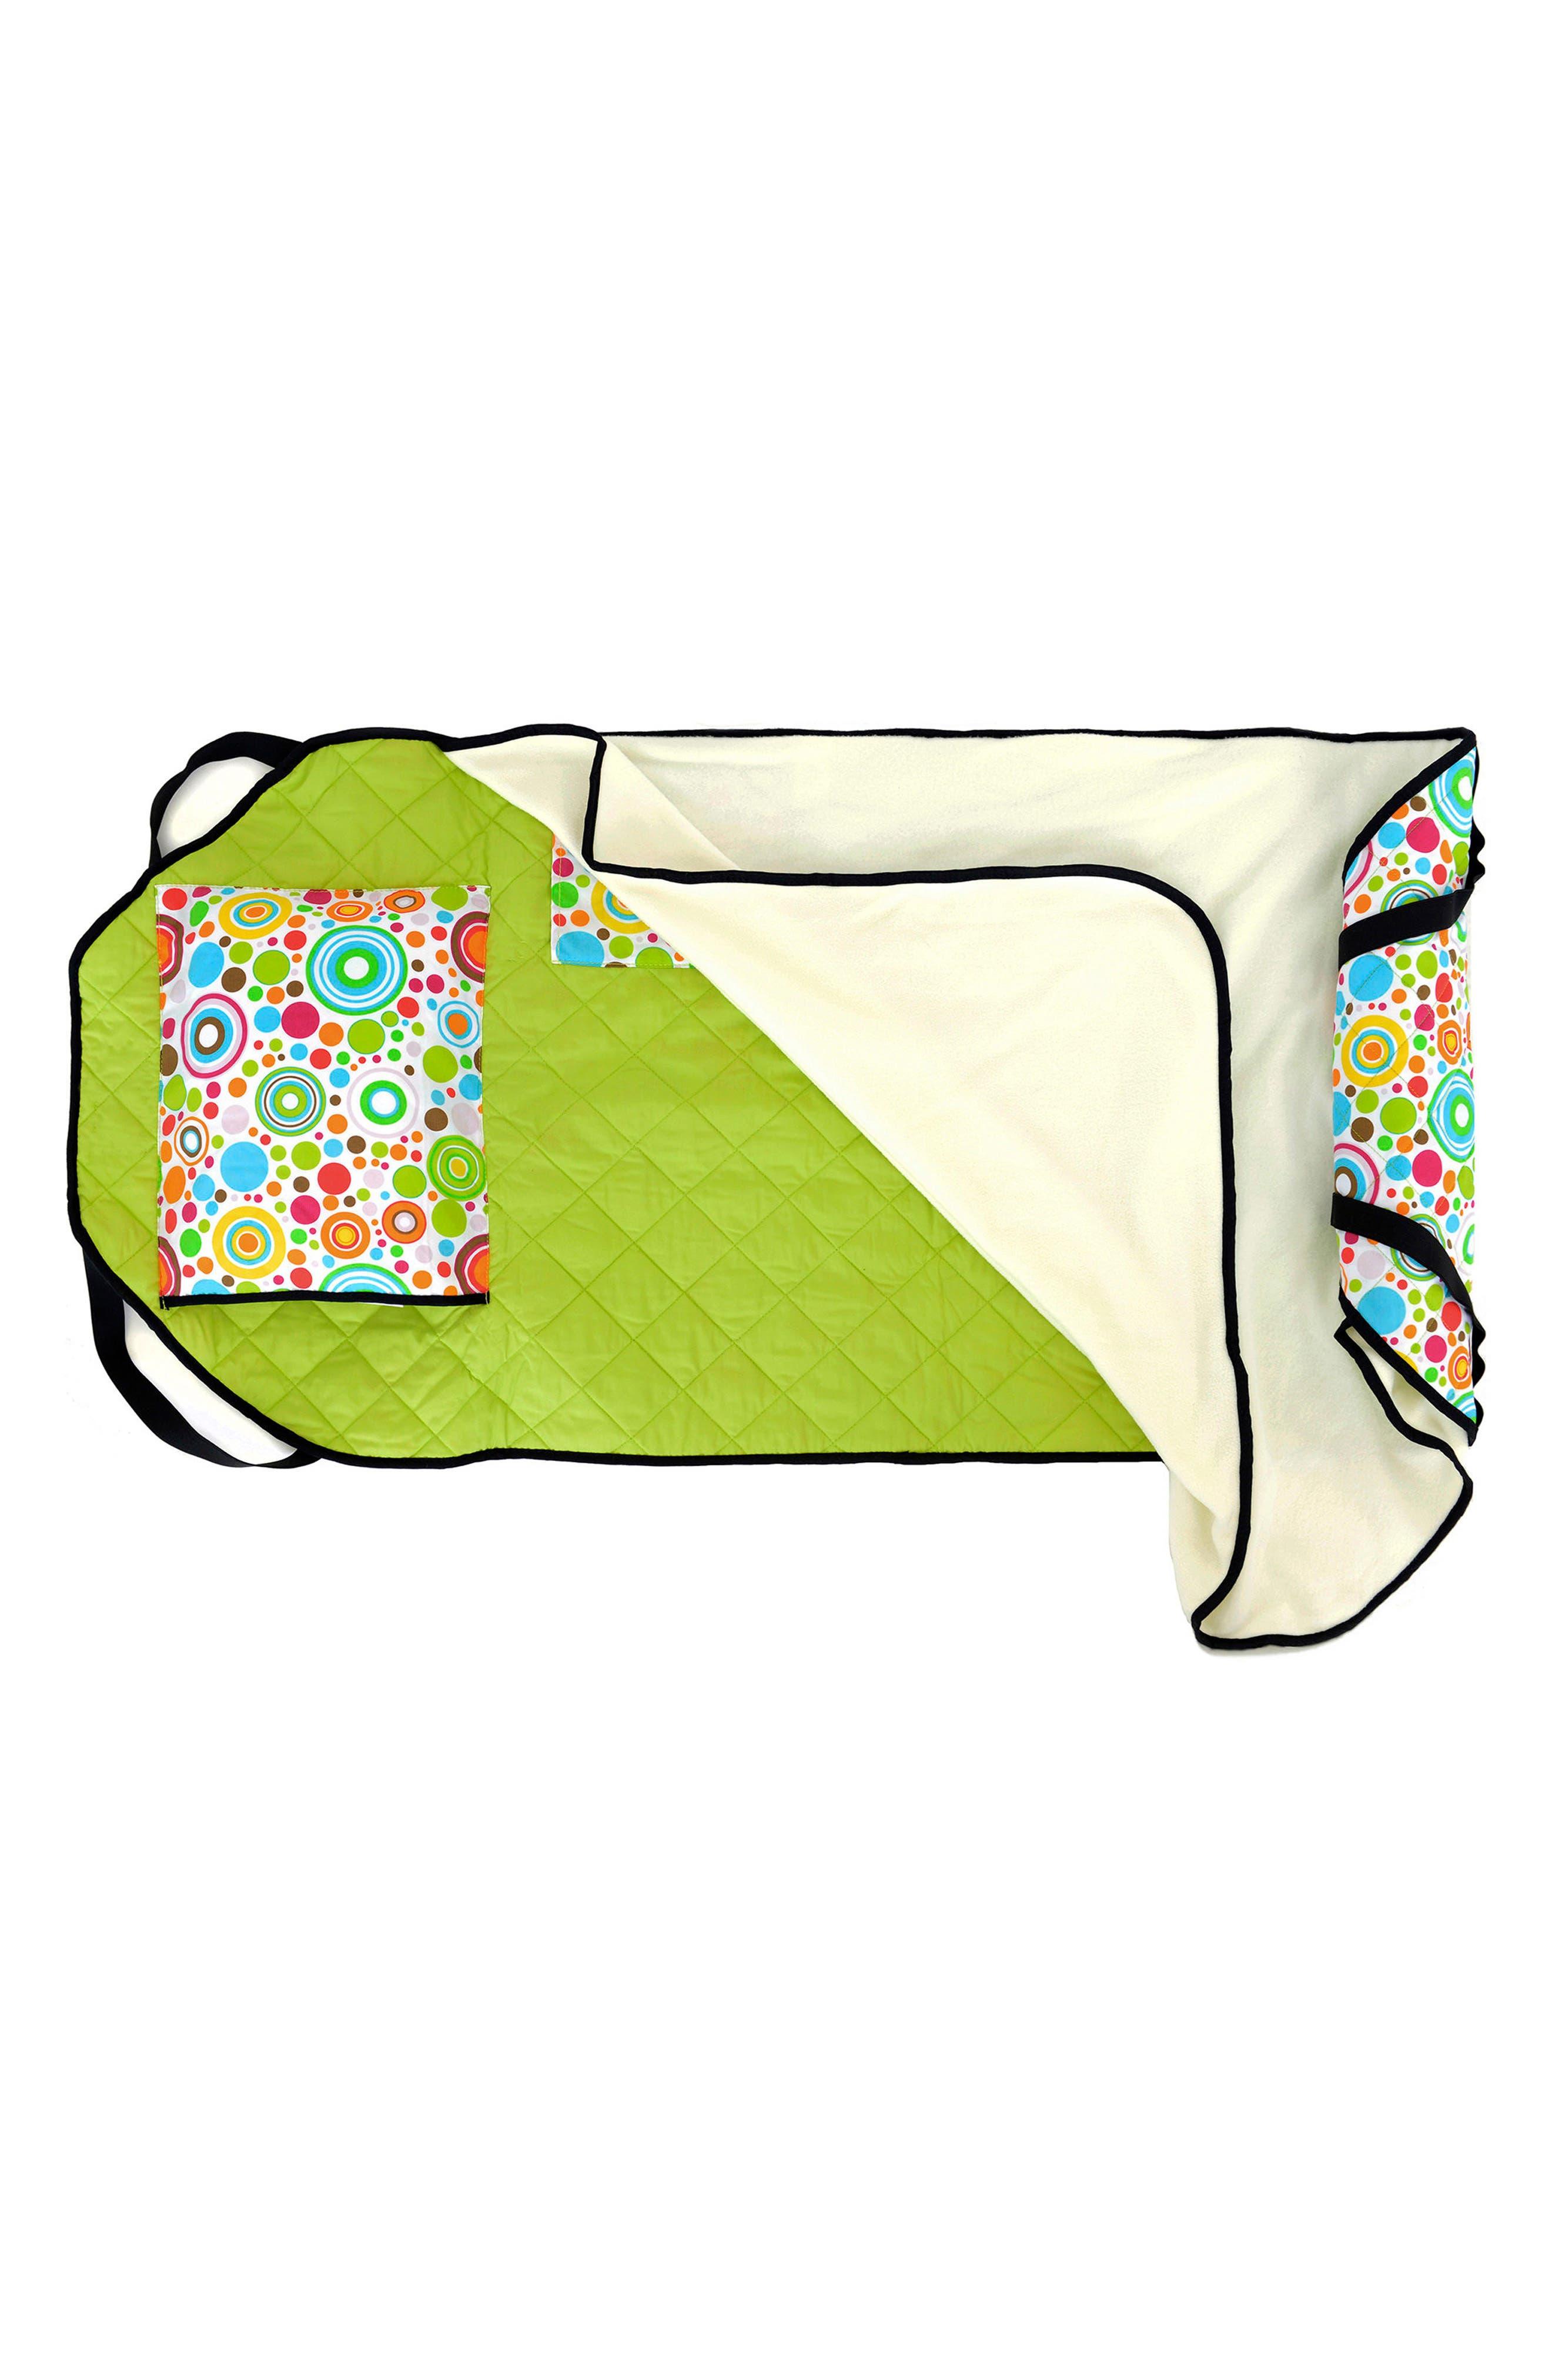 Tot Cot<sup>®</sup> Portable Nap Cot Bedding,                             Main thumbnail 1, color,                             100